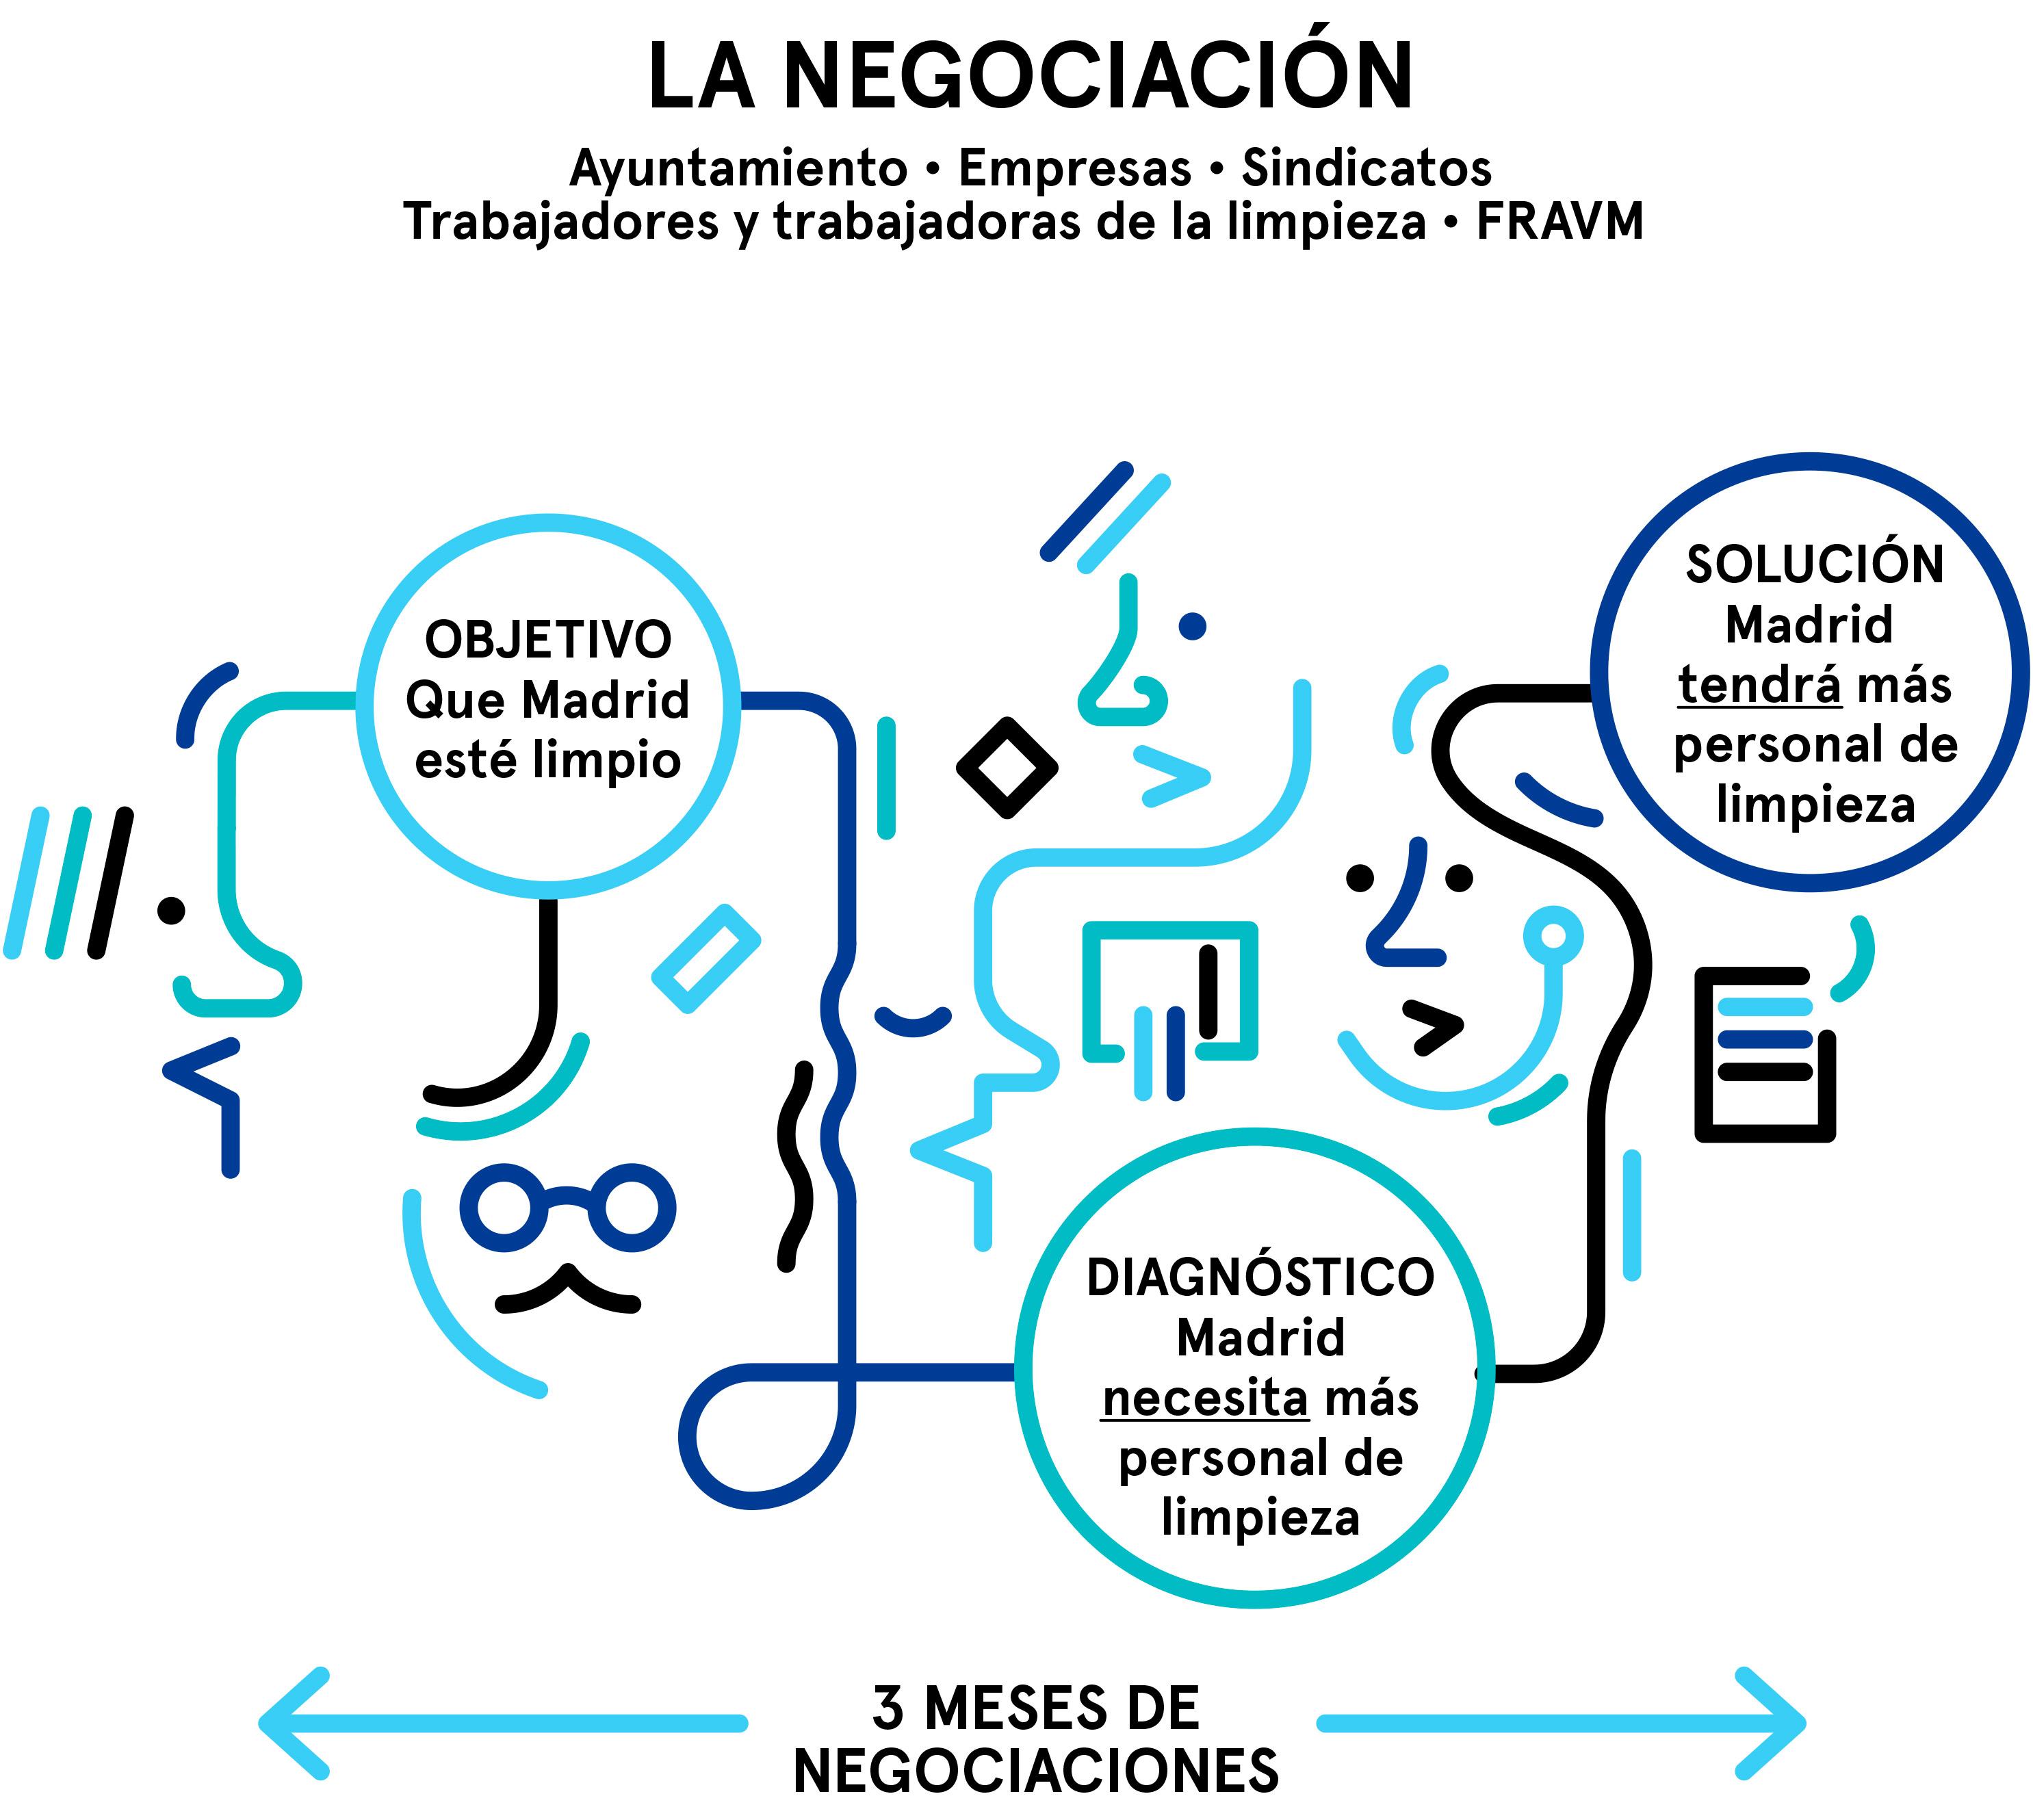 Resumen del Plan de Limpieza para Madrid, parte 1